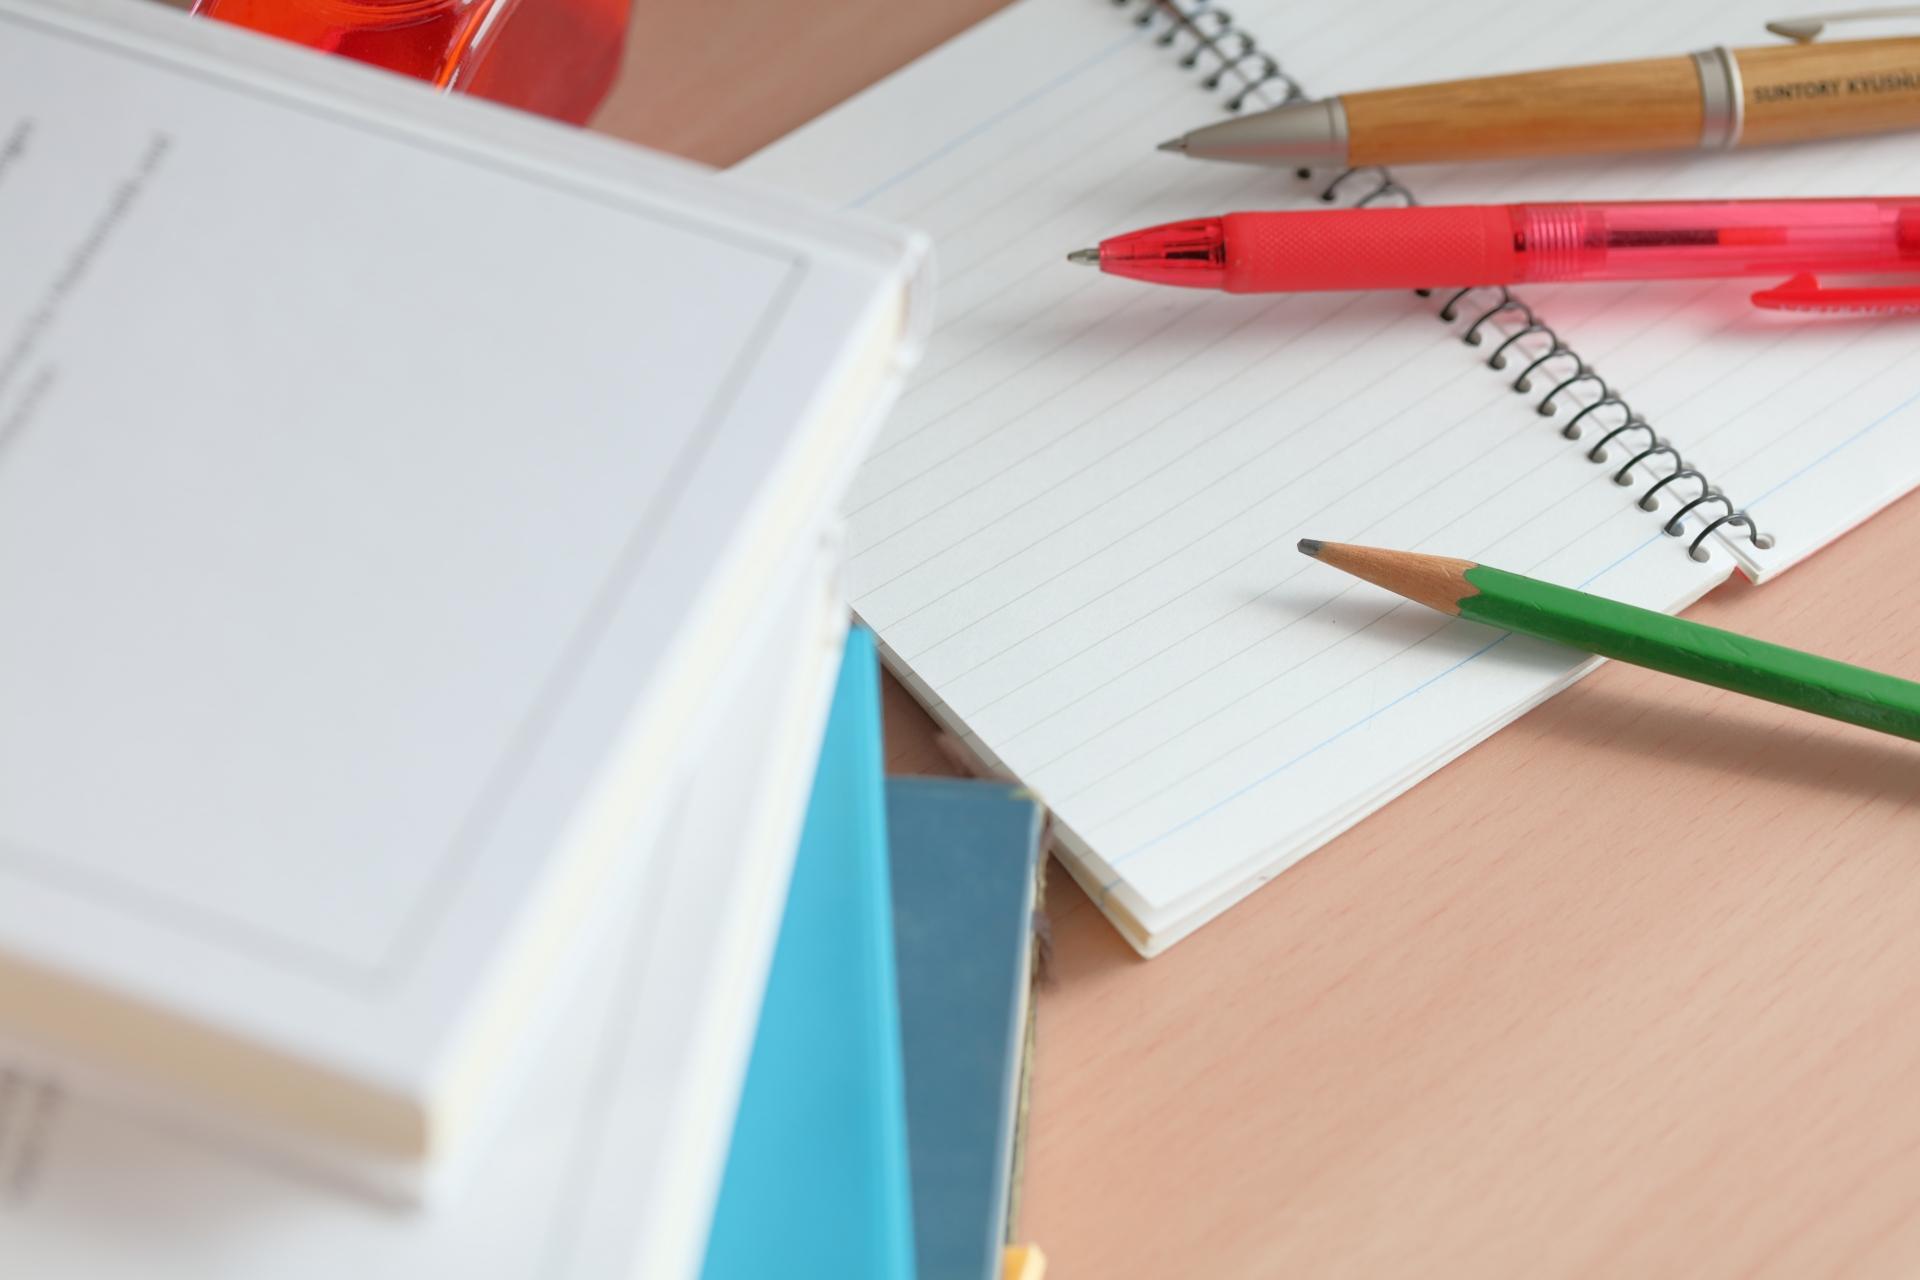 プロジェクトマネジメントの資格勉強